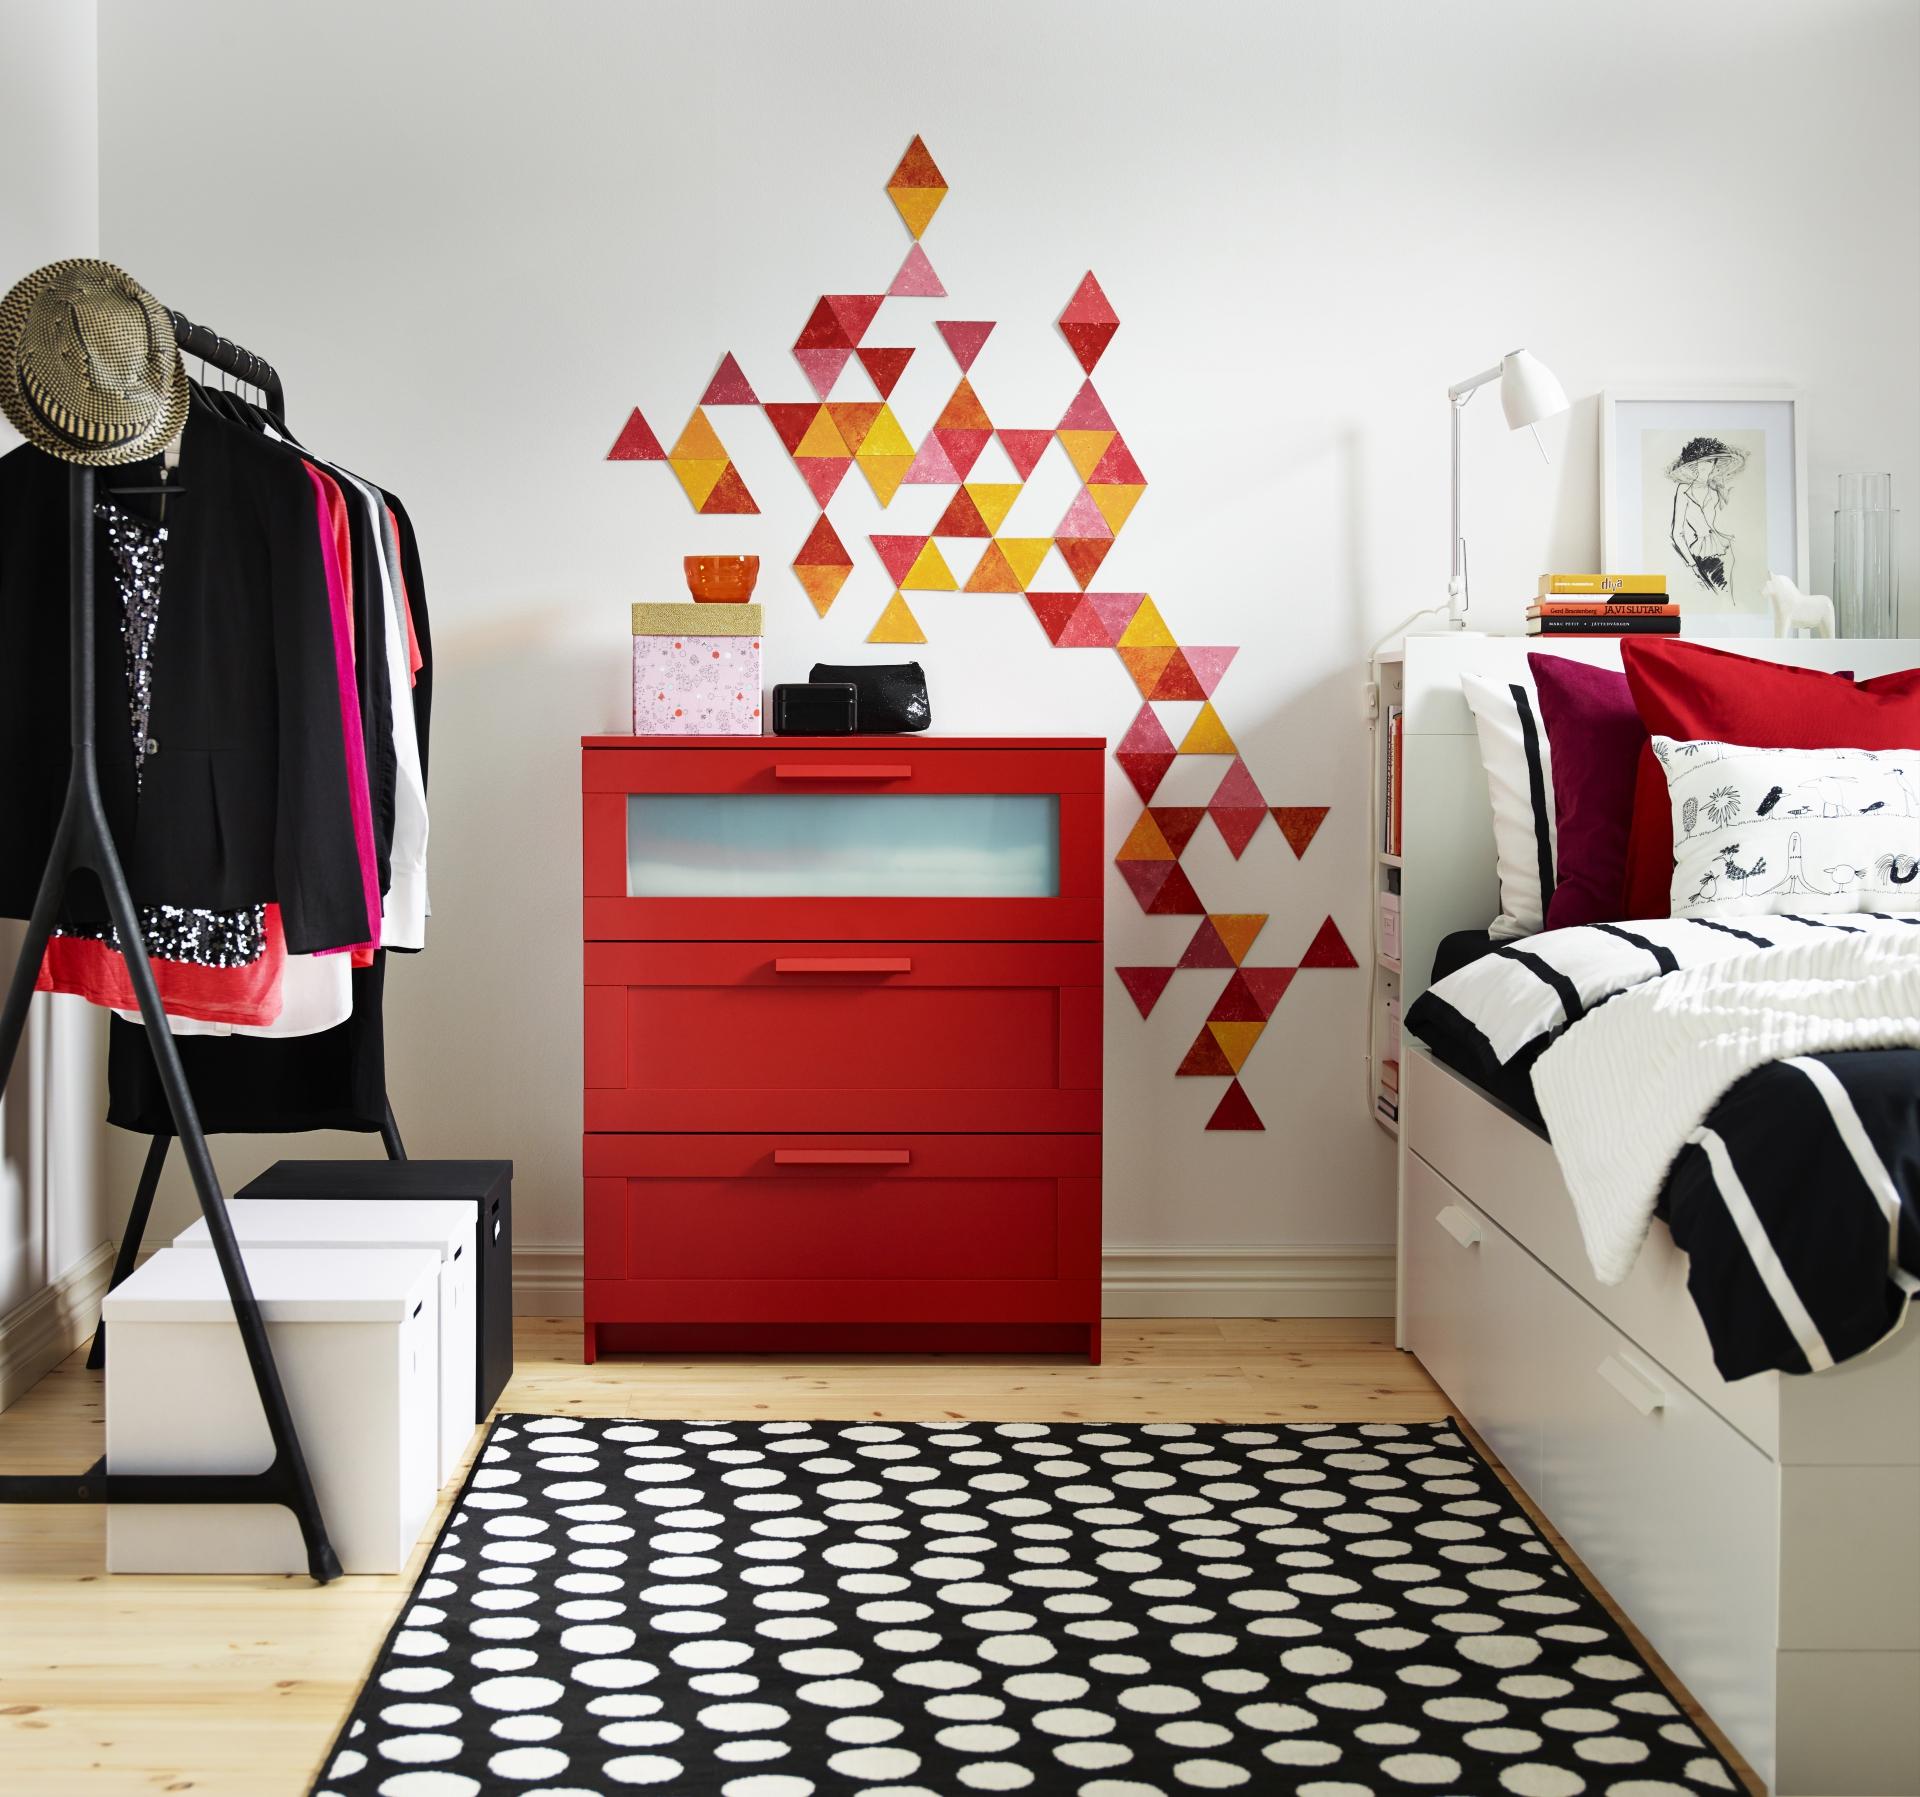 La habitación 365 de IKEA